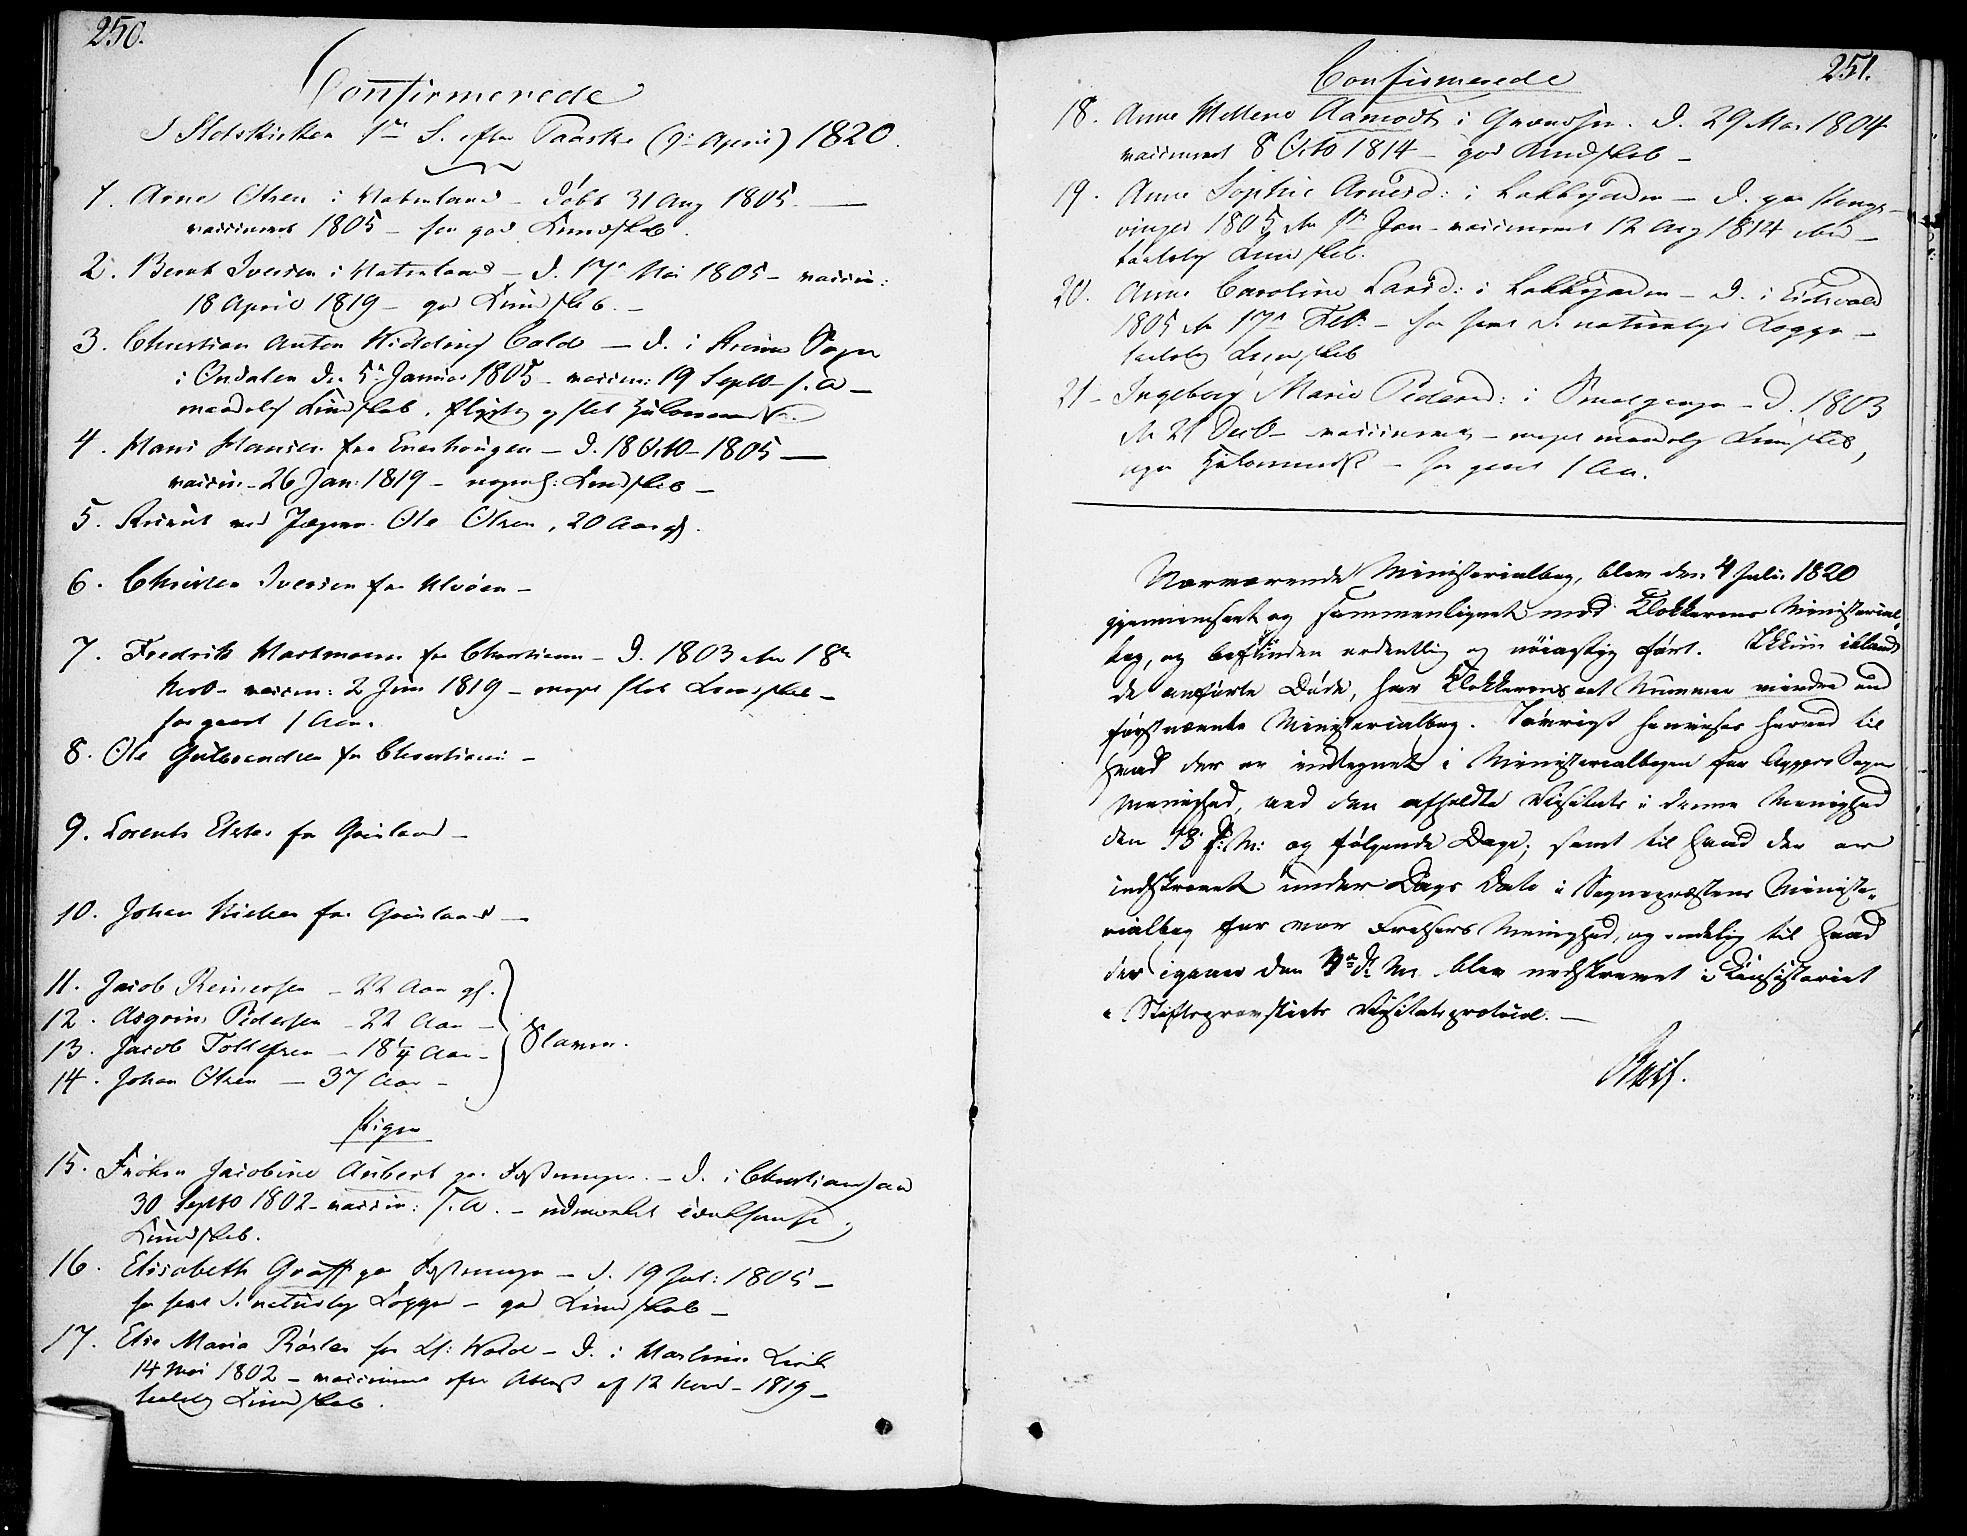 SAO, Garnisonsmenigheten Kirkebøker, F/Fa/L0004: Ministerialbok nr. 4, 1820-1828, s. 250-251